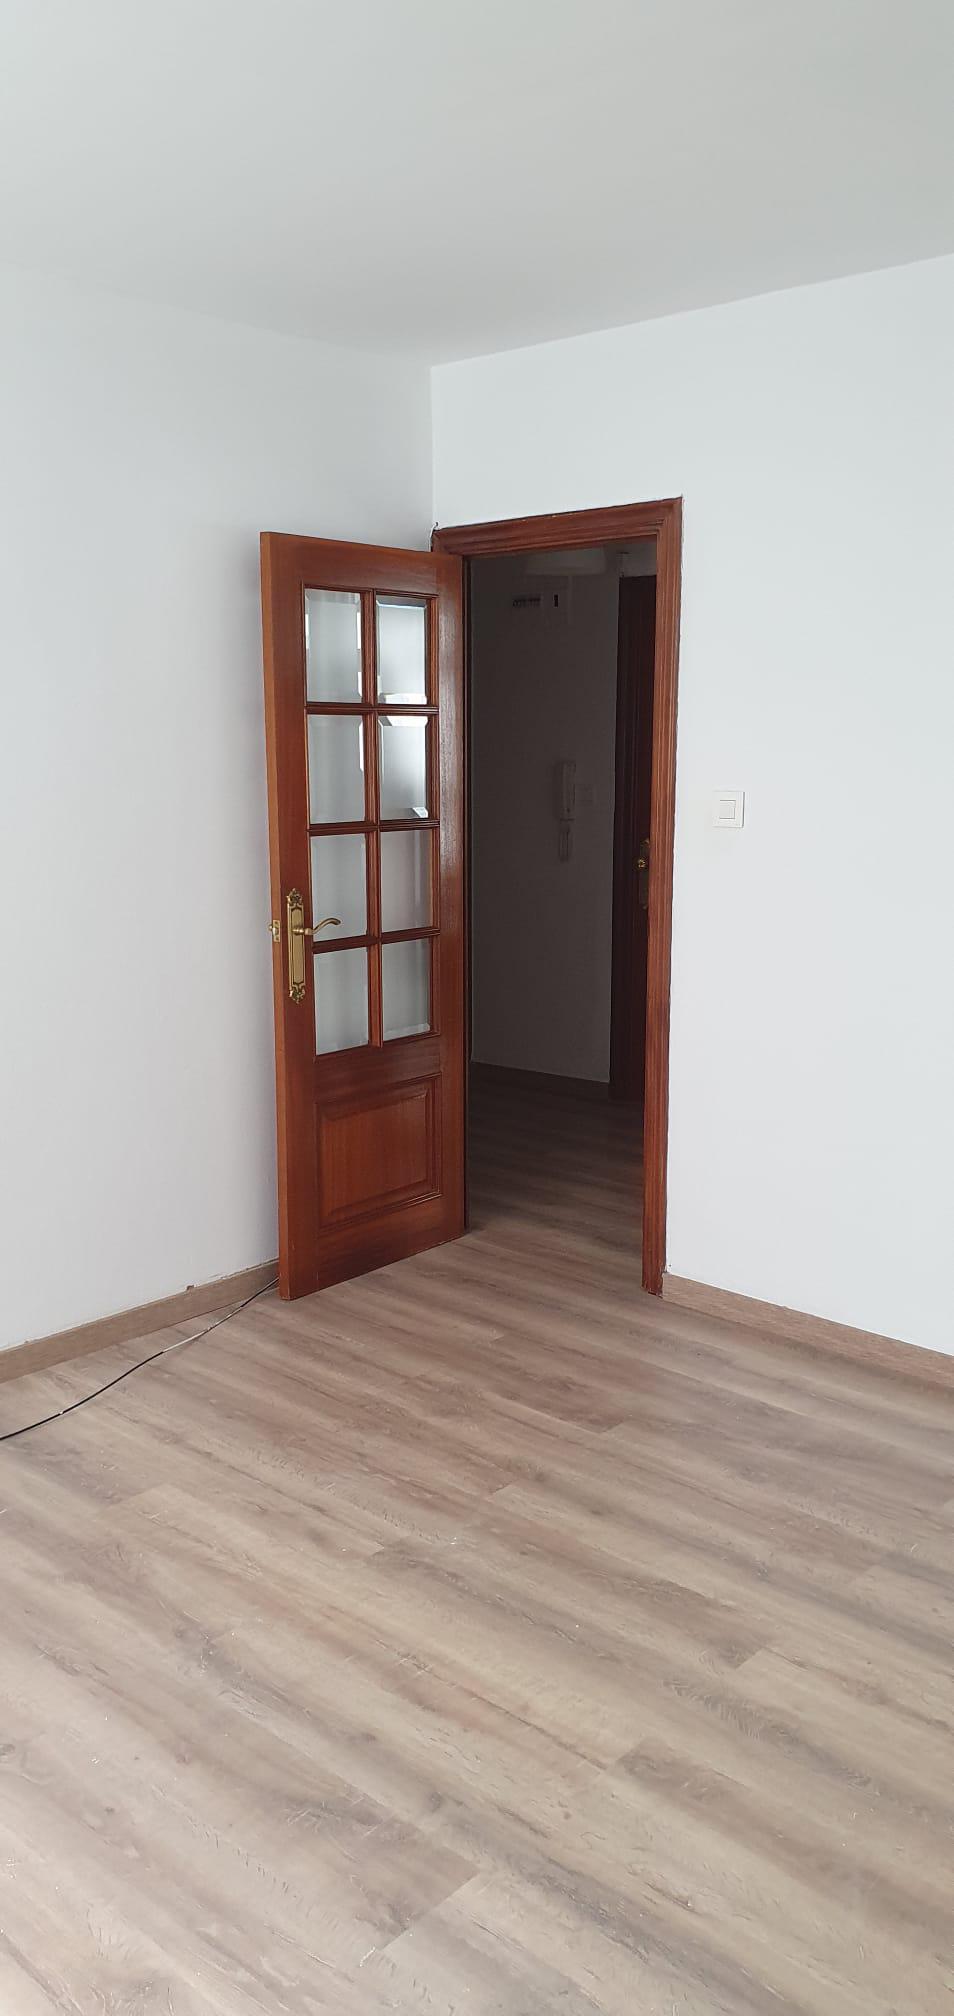 Imagen 1 Apartamento en venta en Coruña A / Oportunidad para inversión alta rentabilidad